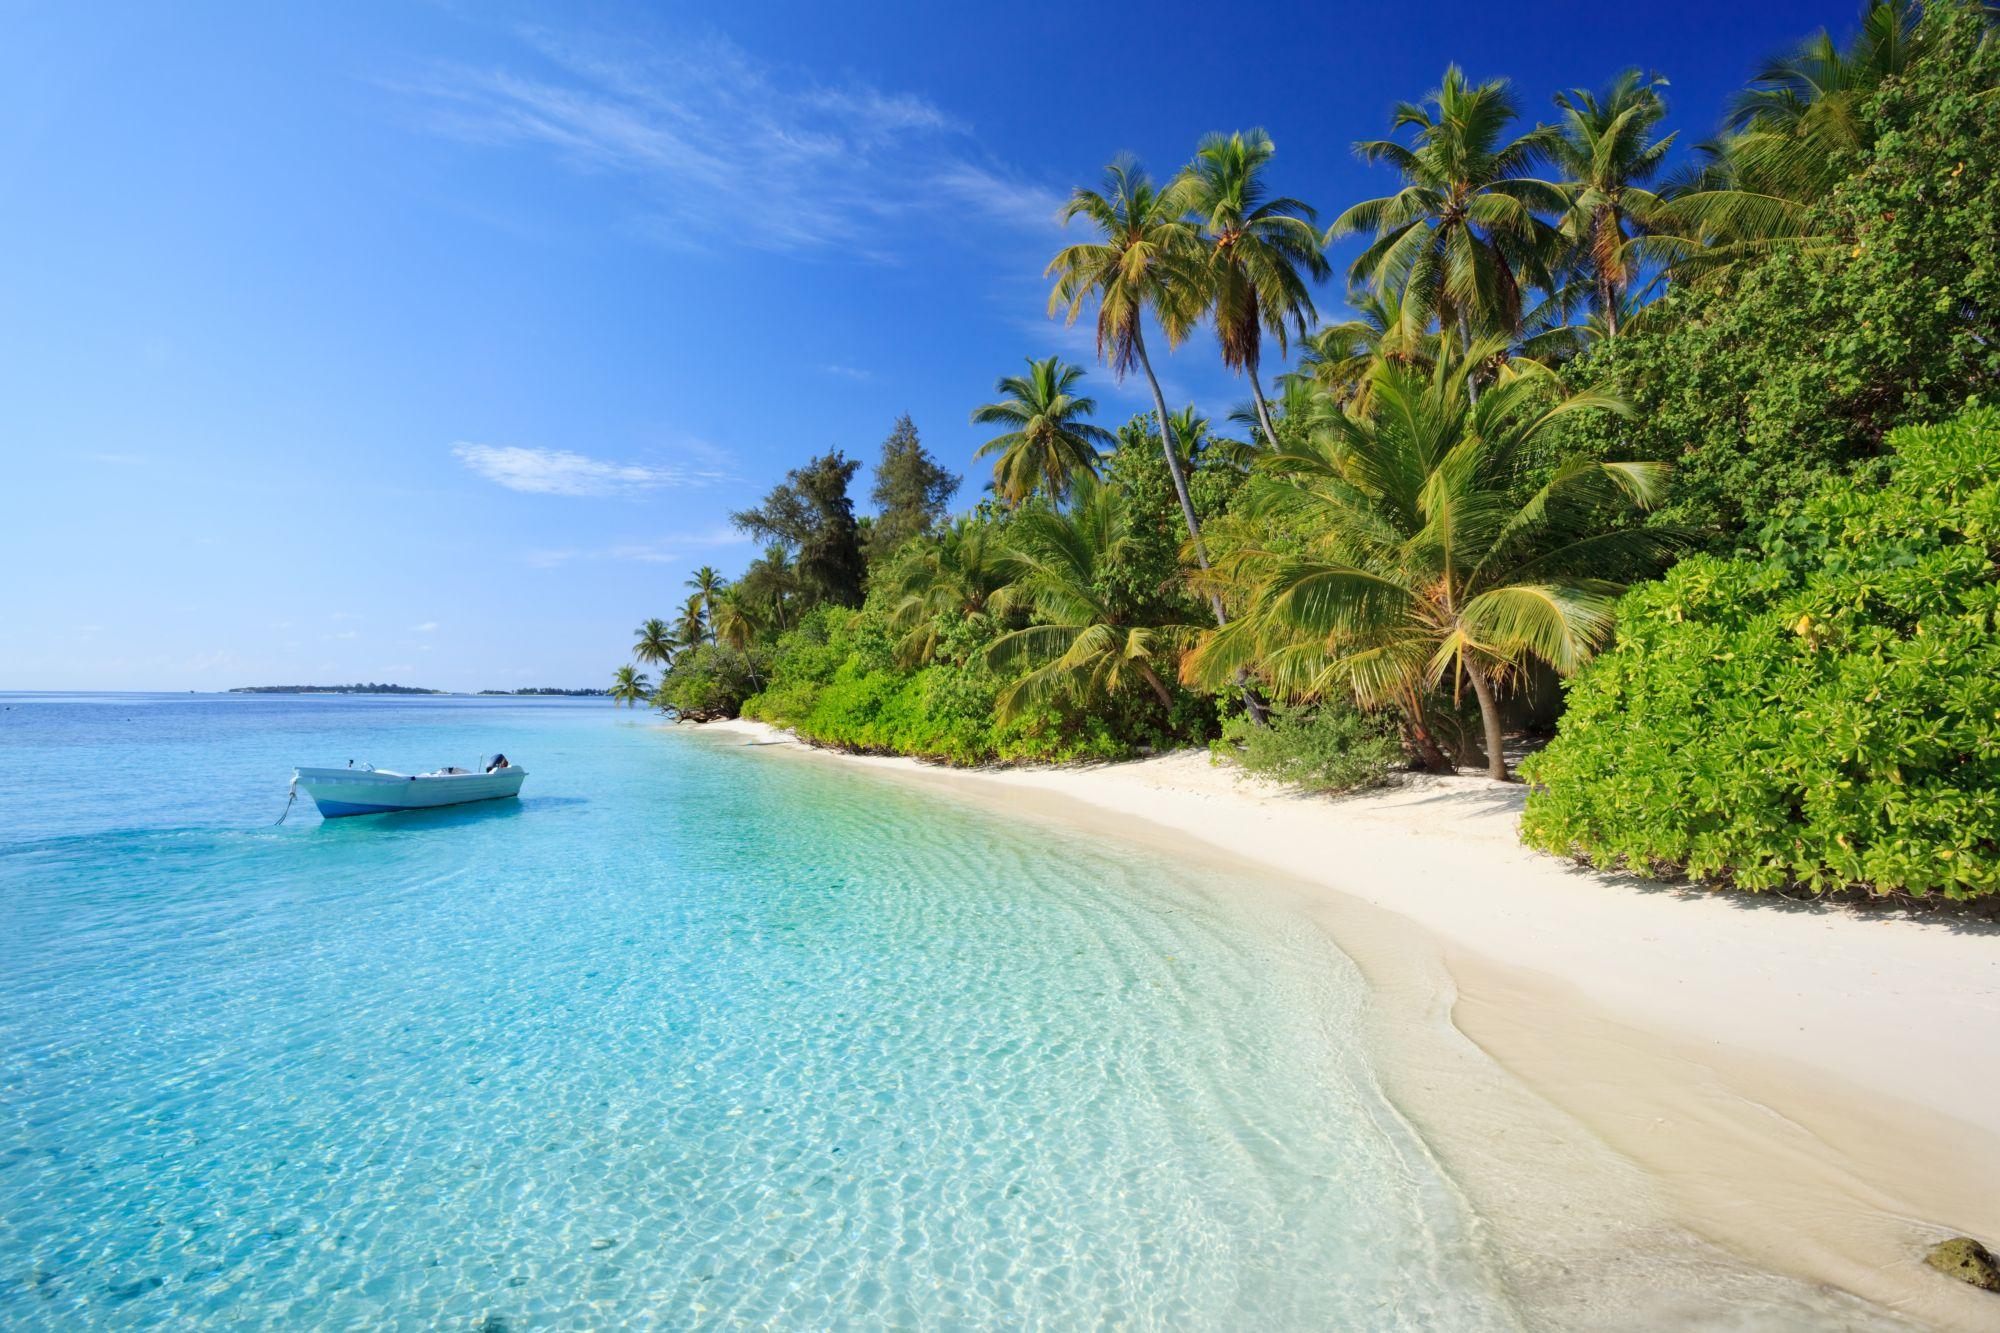 Consigli per un viaggio alle Maldive: tra natura e resort ...